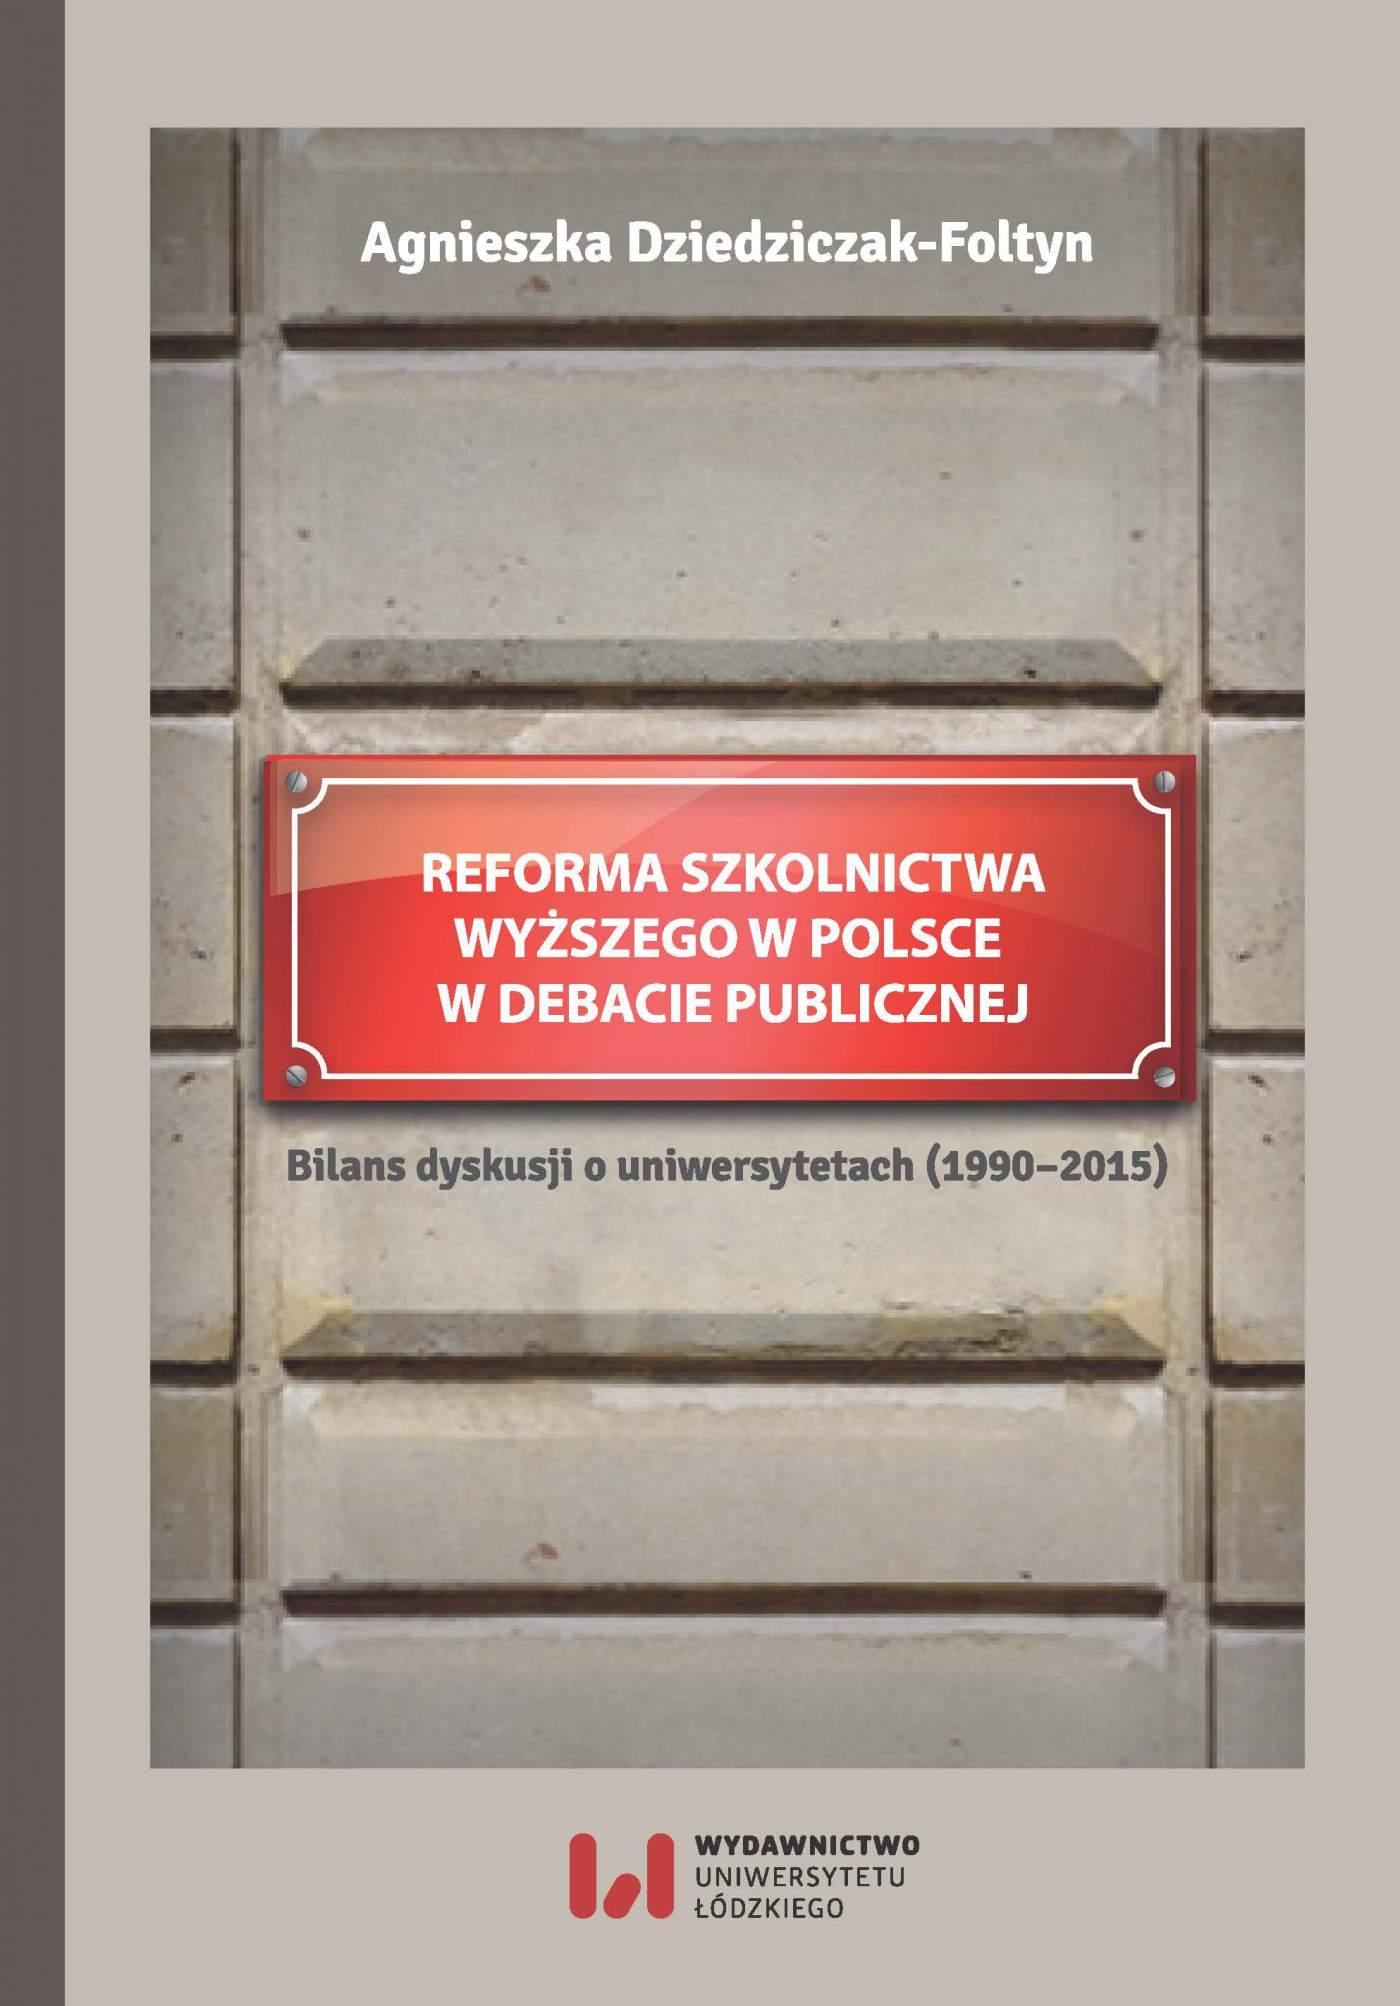 Reforma szkolnictwa wyższego w Polsce w debacie publicznej. Bilans dyskusji o uniwersytetach - Ebook (Książka PDF) do pobrania w formacie PDF